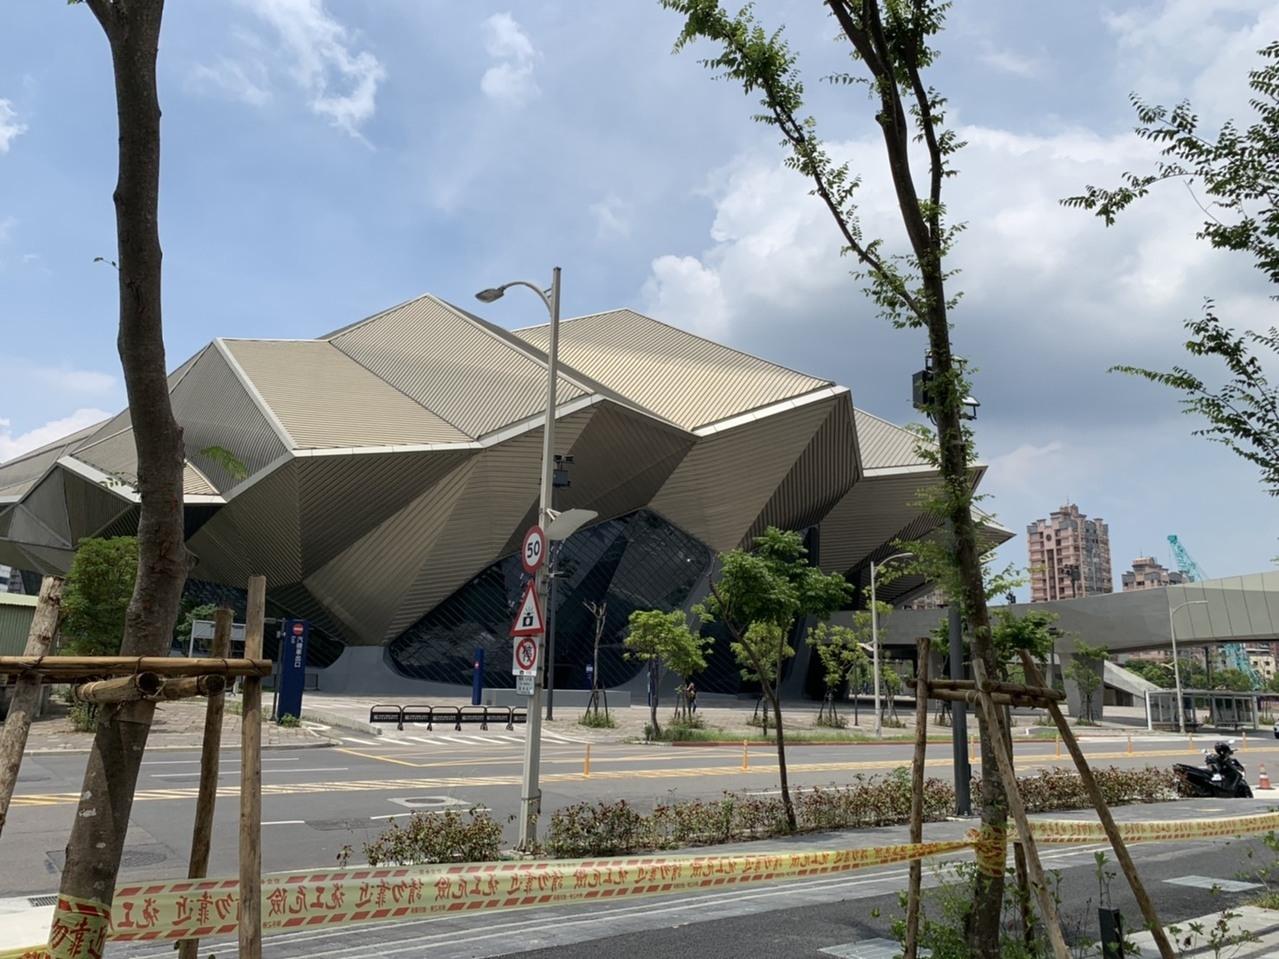 台北流行音樂中心北基地9月5日正式開幕,第31屆金曲獎10月3日將移師至此舉行,成為開幕首場大型音樂盛事。記者趙宥寧/攝影